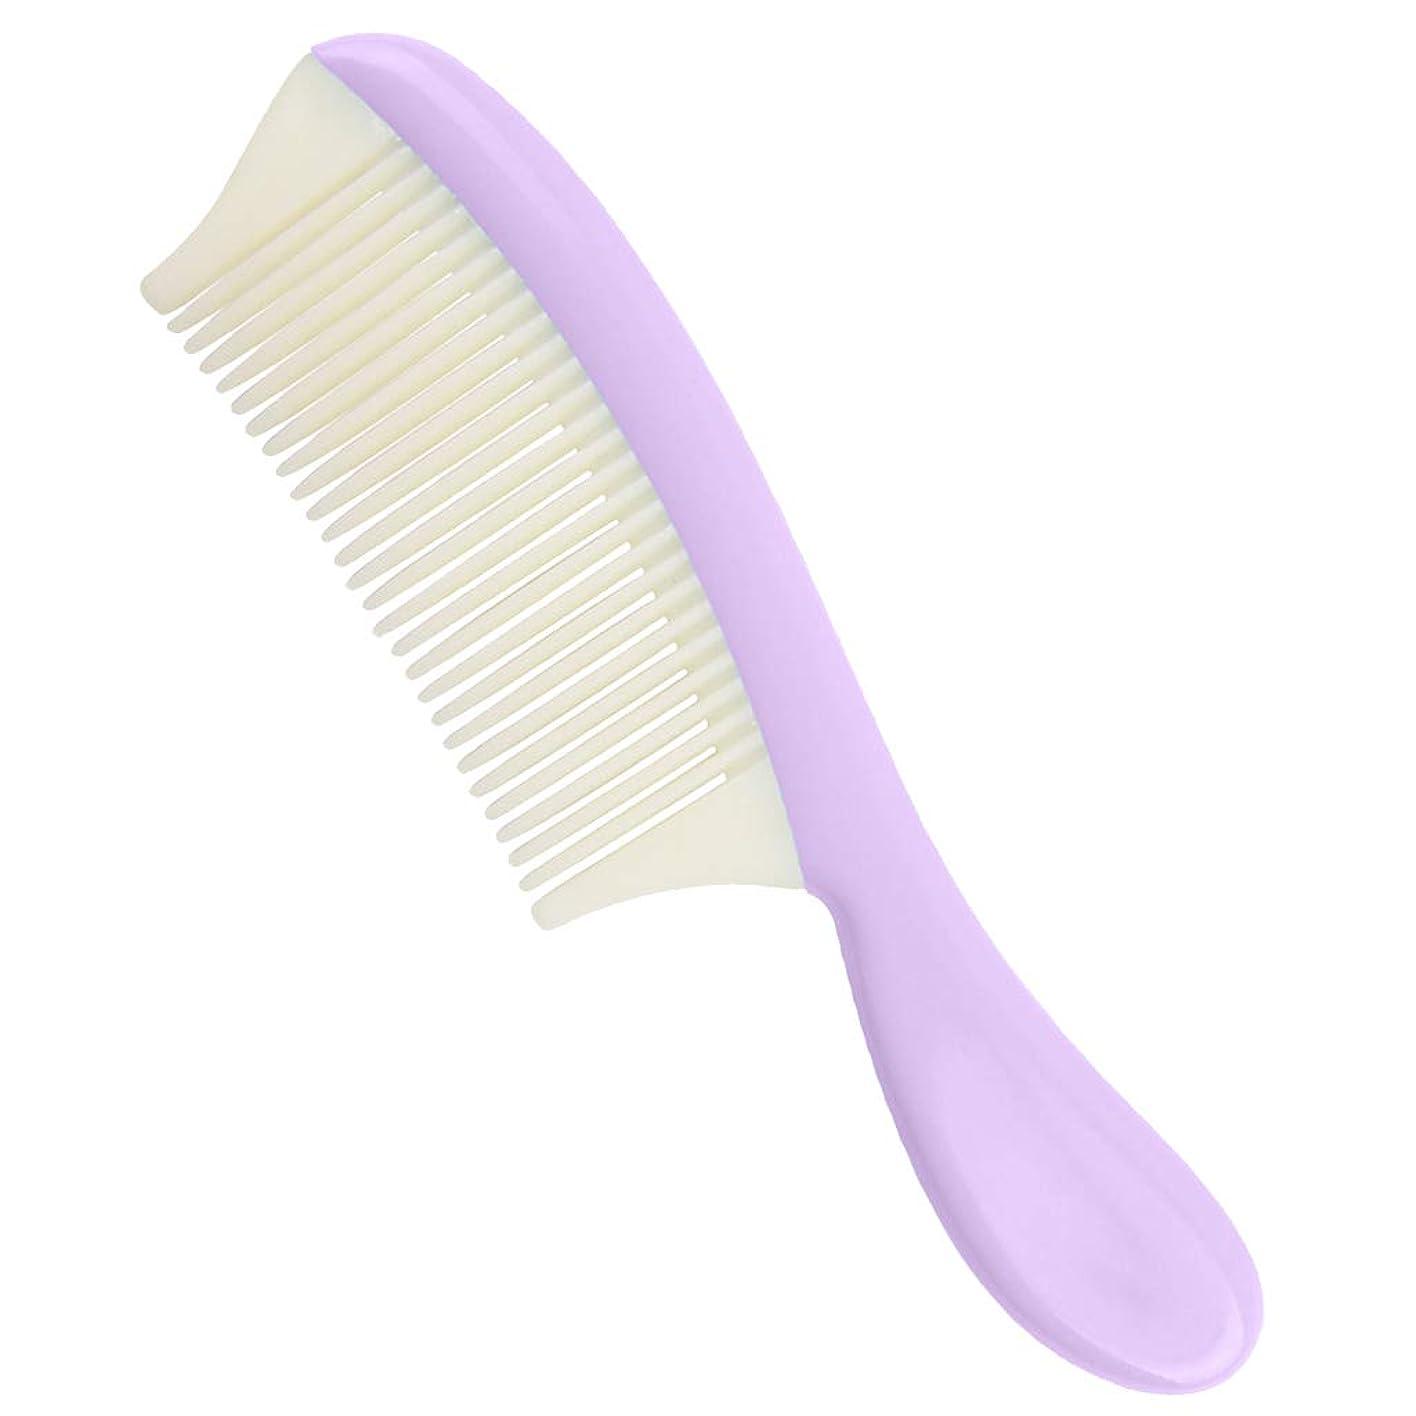 レーダーヒステリック尊厳P Prettyia プラスチック ヘアコーム 取り外し可能 細かい歯 髪の櫛 全4色 - 紫